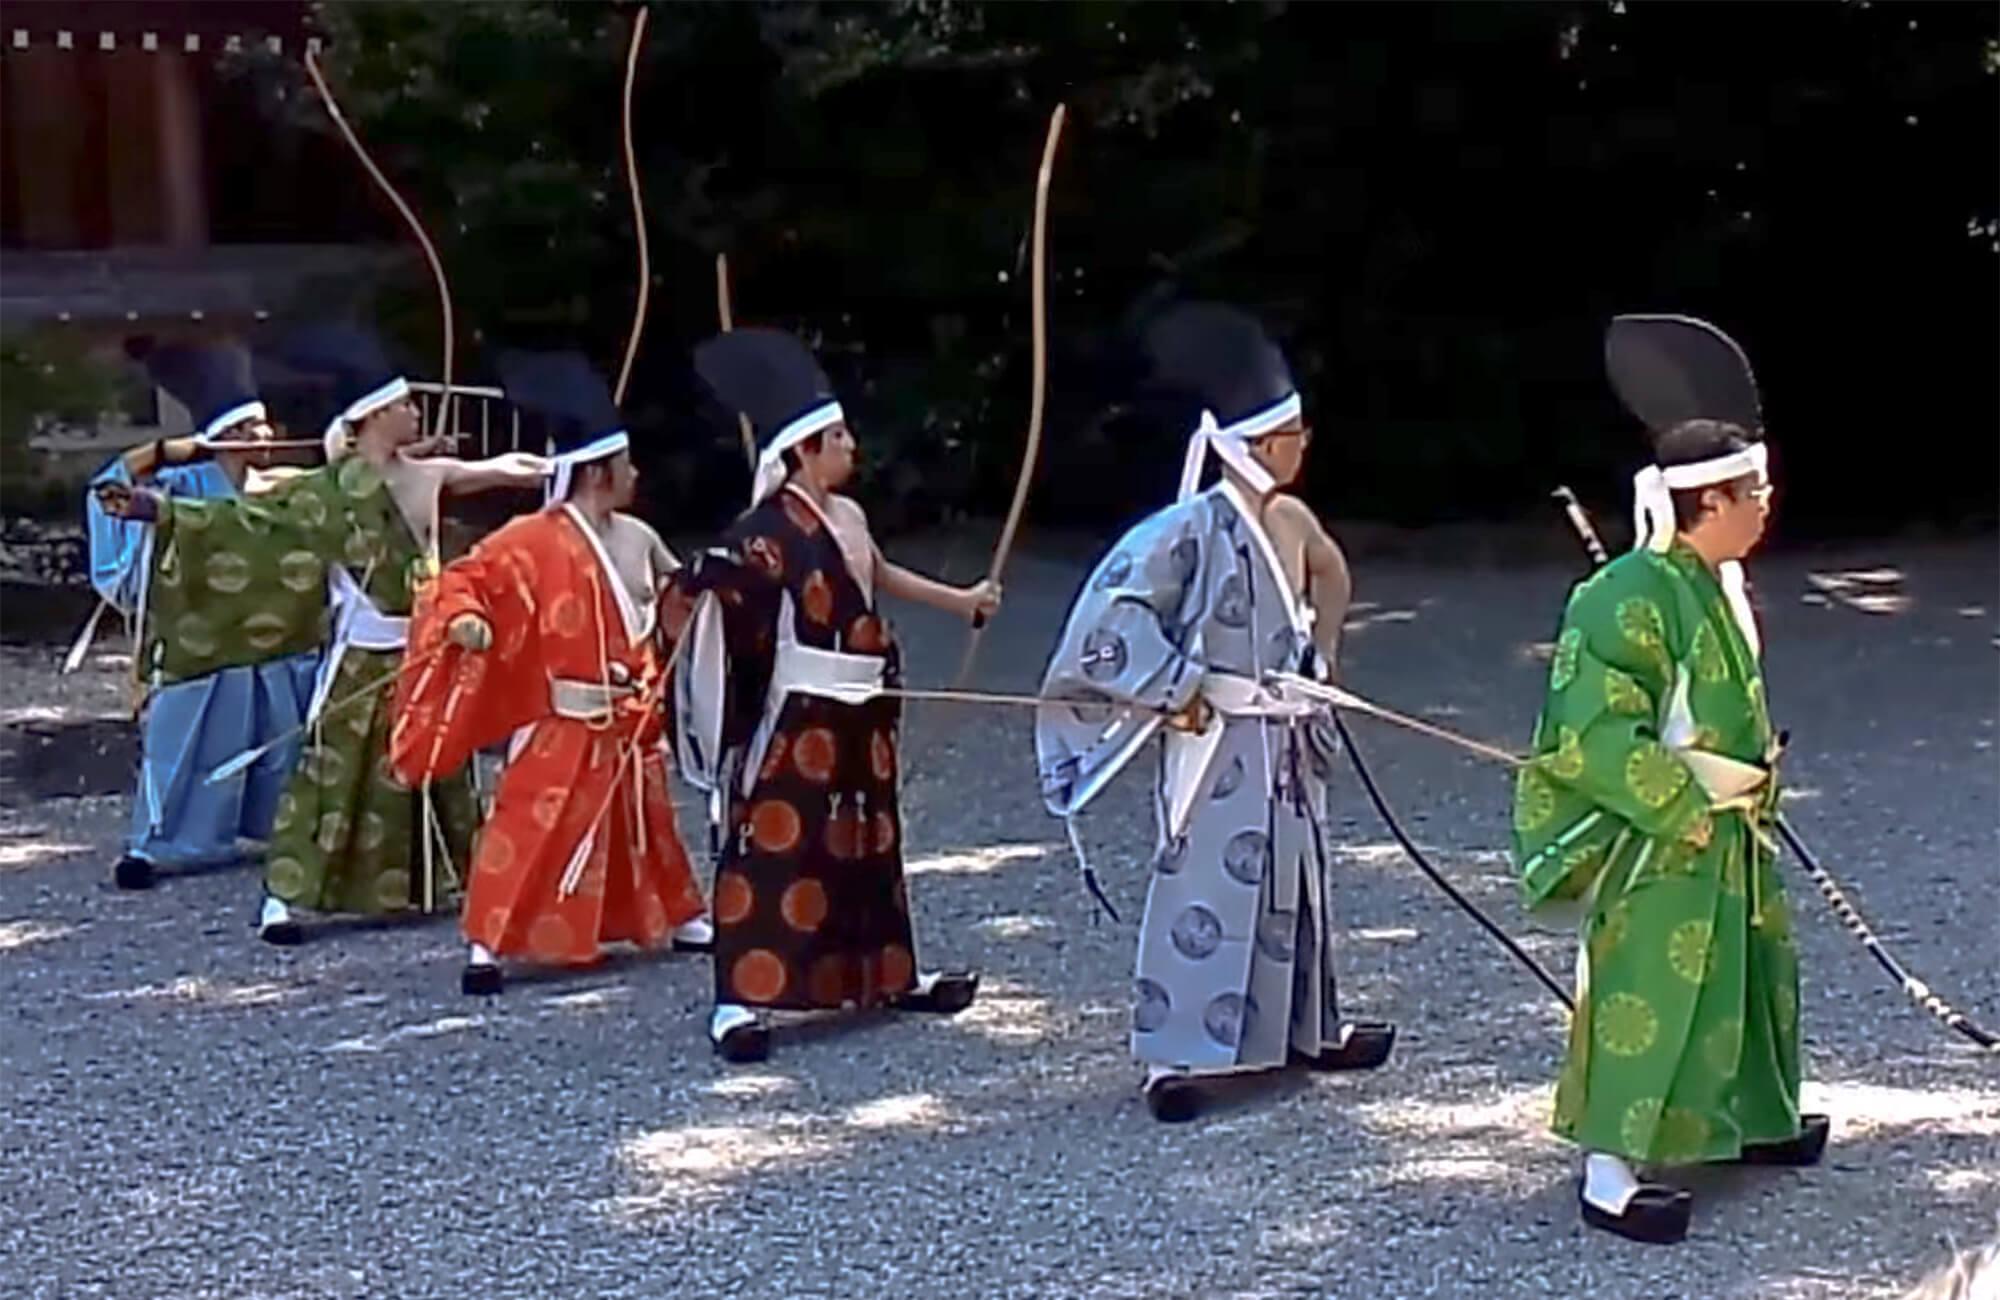 Nagoya Festival - Kyudo